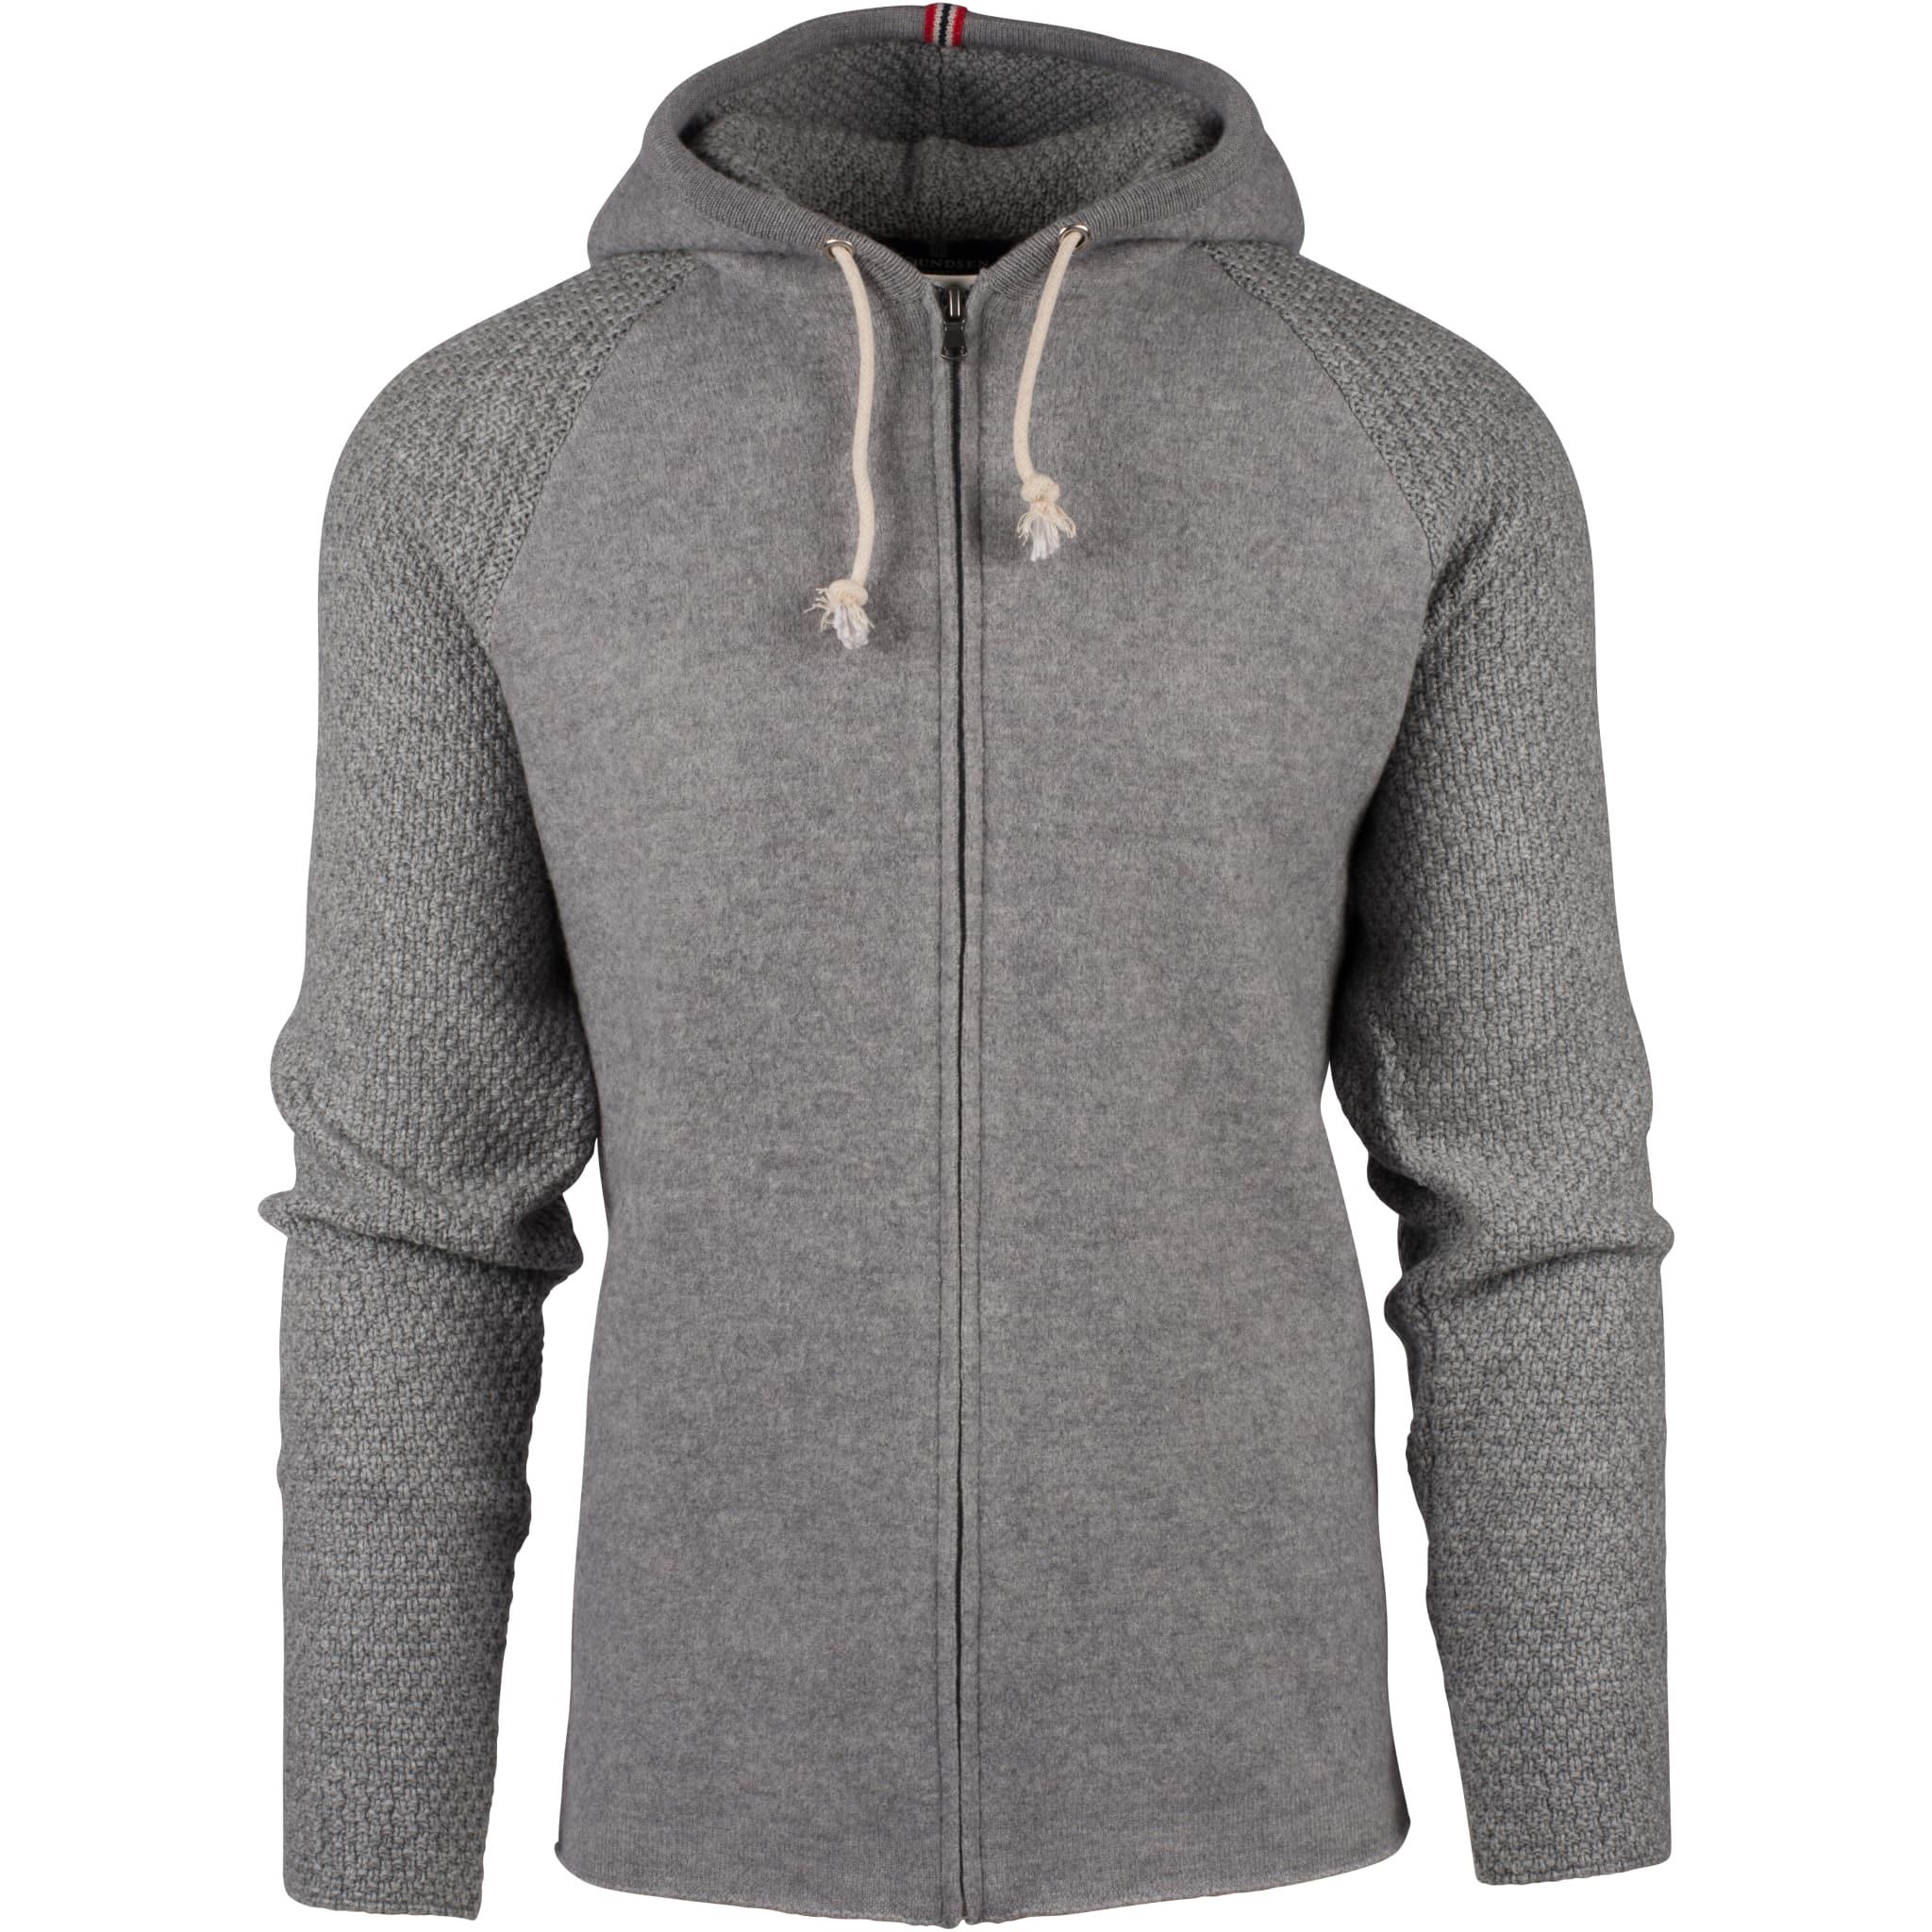 Varm og komfortabel ulljakke i 100% merinoull